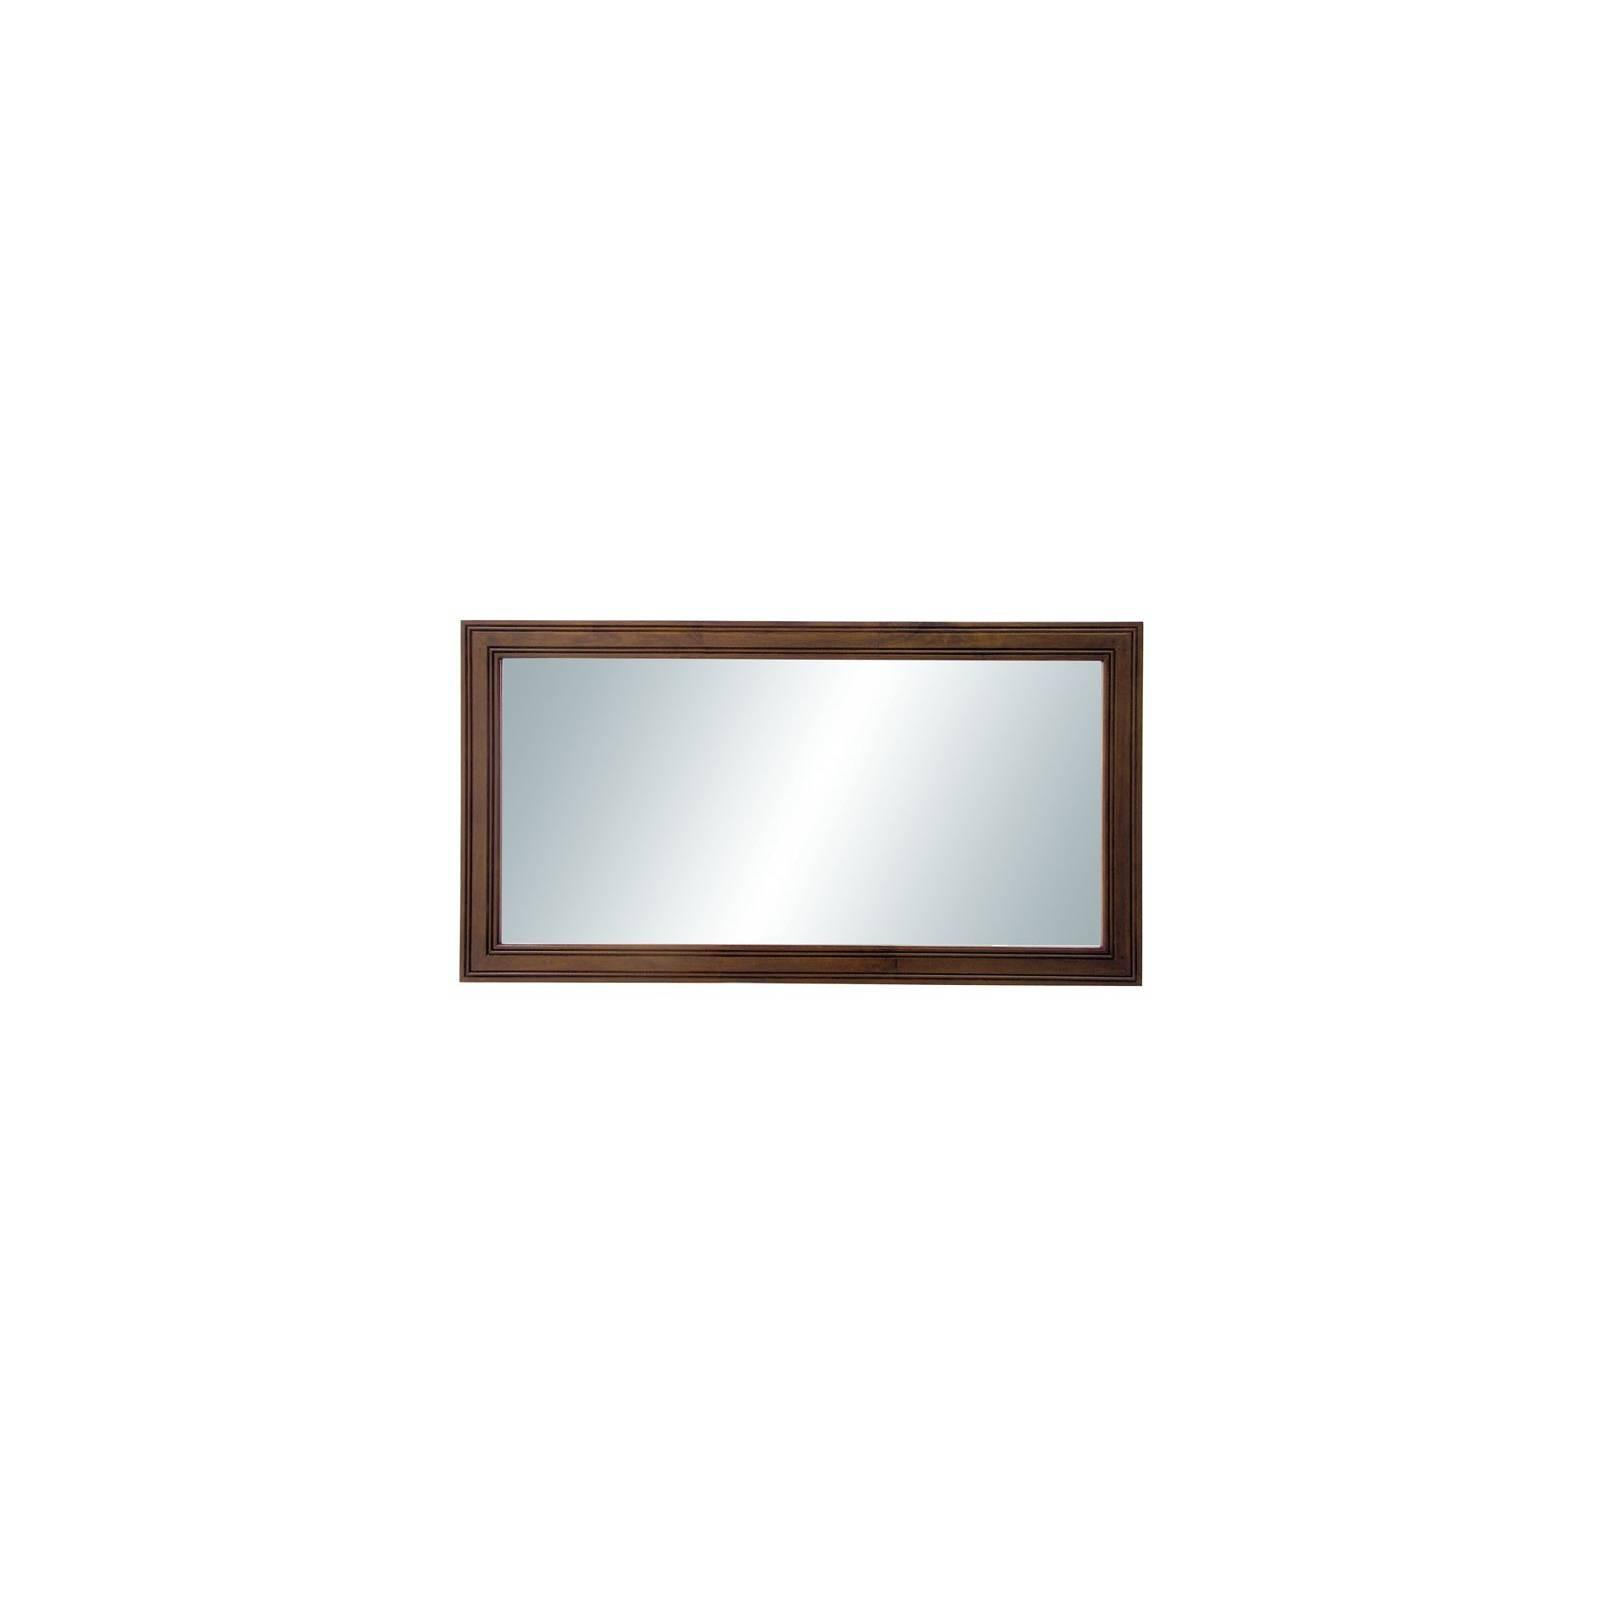 Miroir 2 Collines Belle Epoque Hévéa - meuble style classique